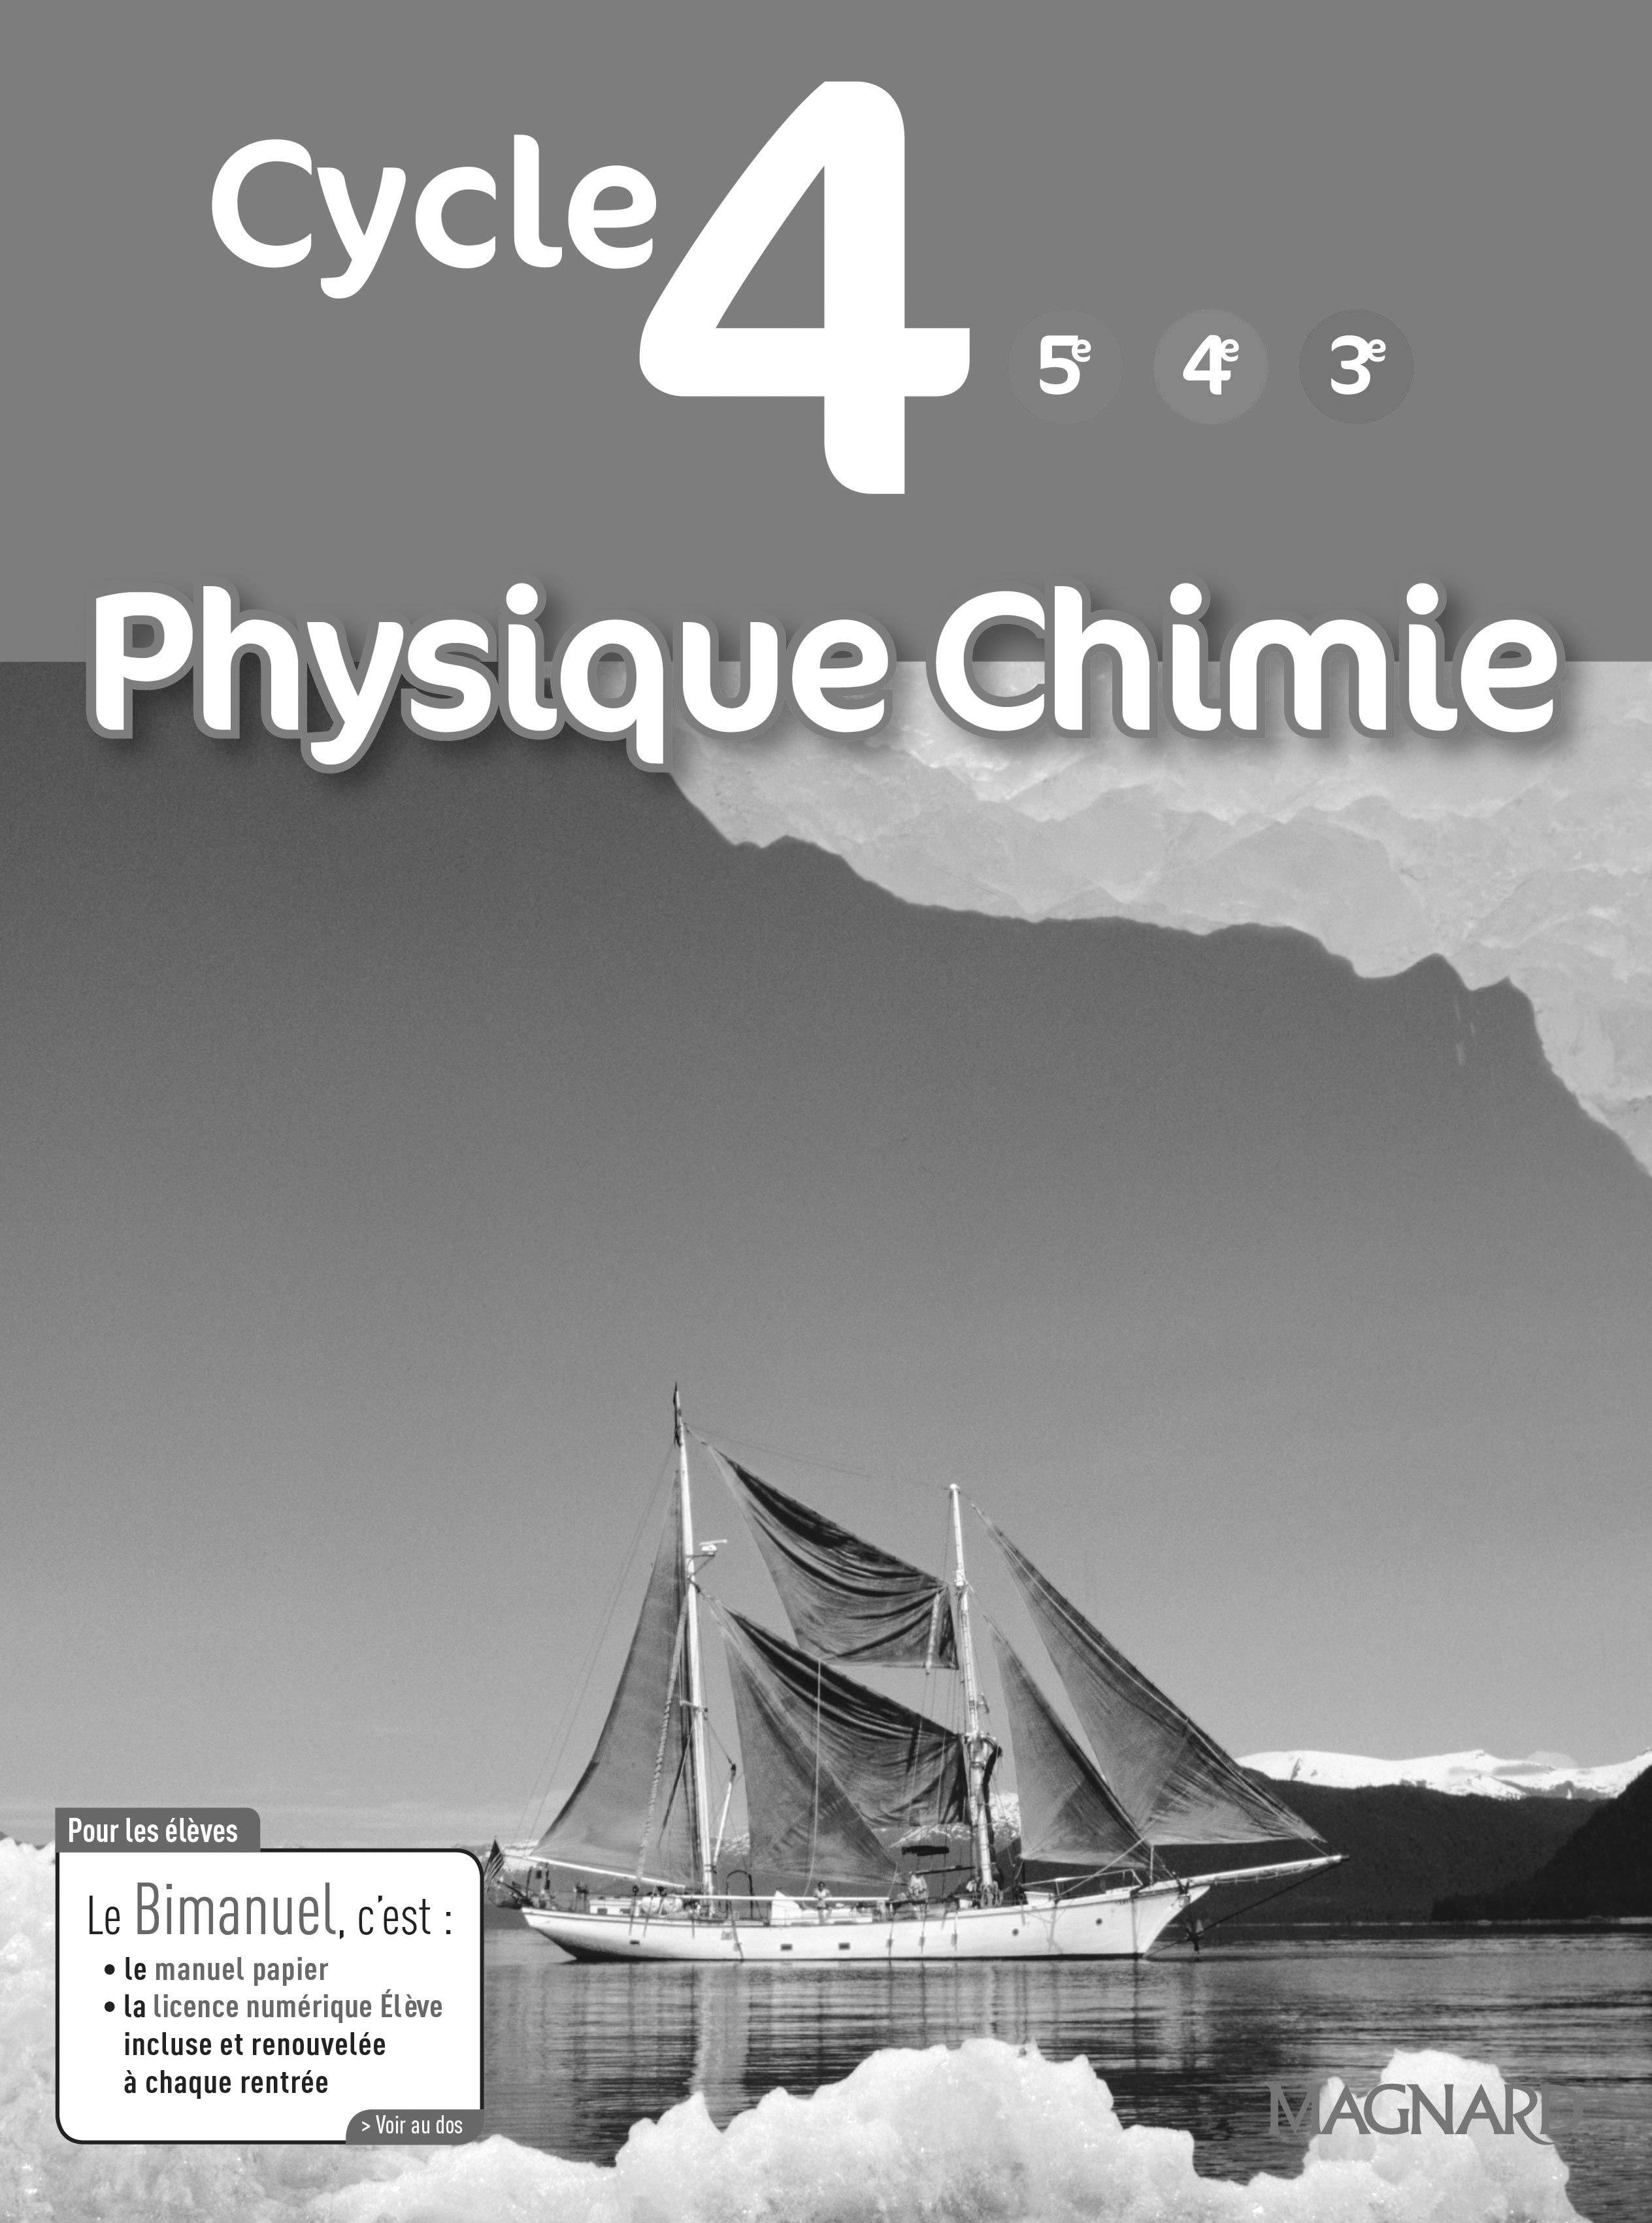 PHYSIQUE CHIMIE CYCLE 4 LIVRE DU PROFESSEUR 2017